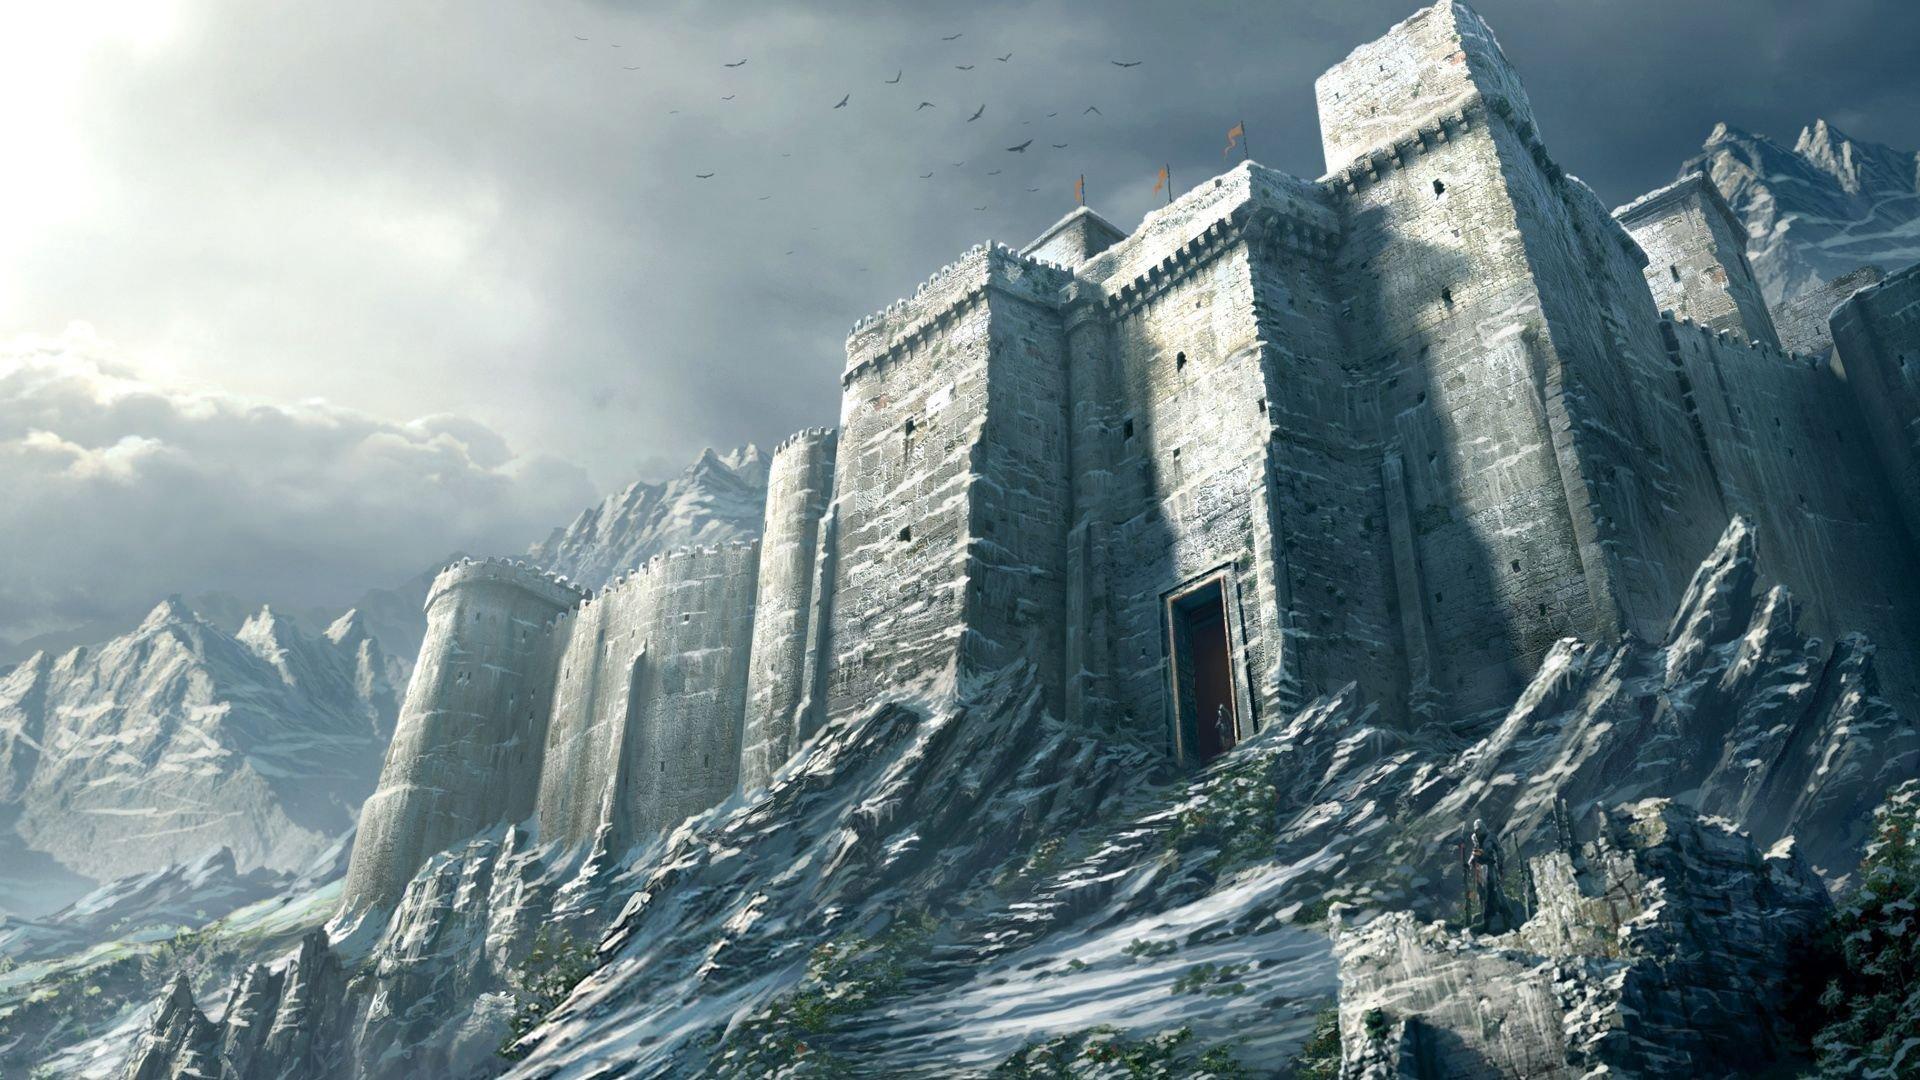 Description des lieux et monstres présents Masyaf-castle-assassin039s-creed